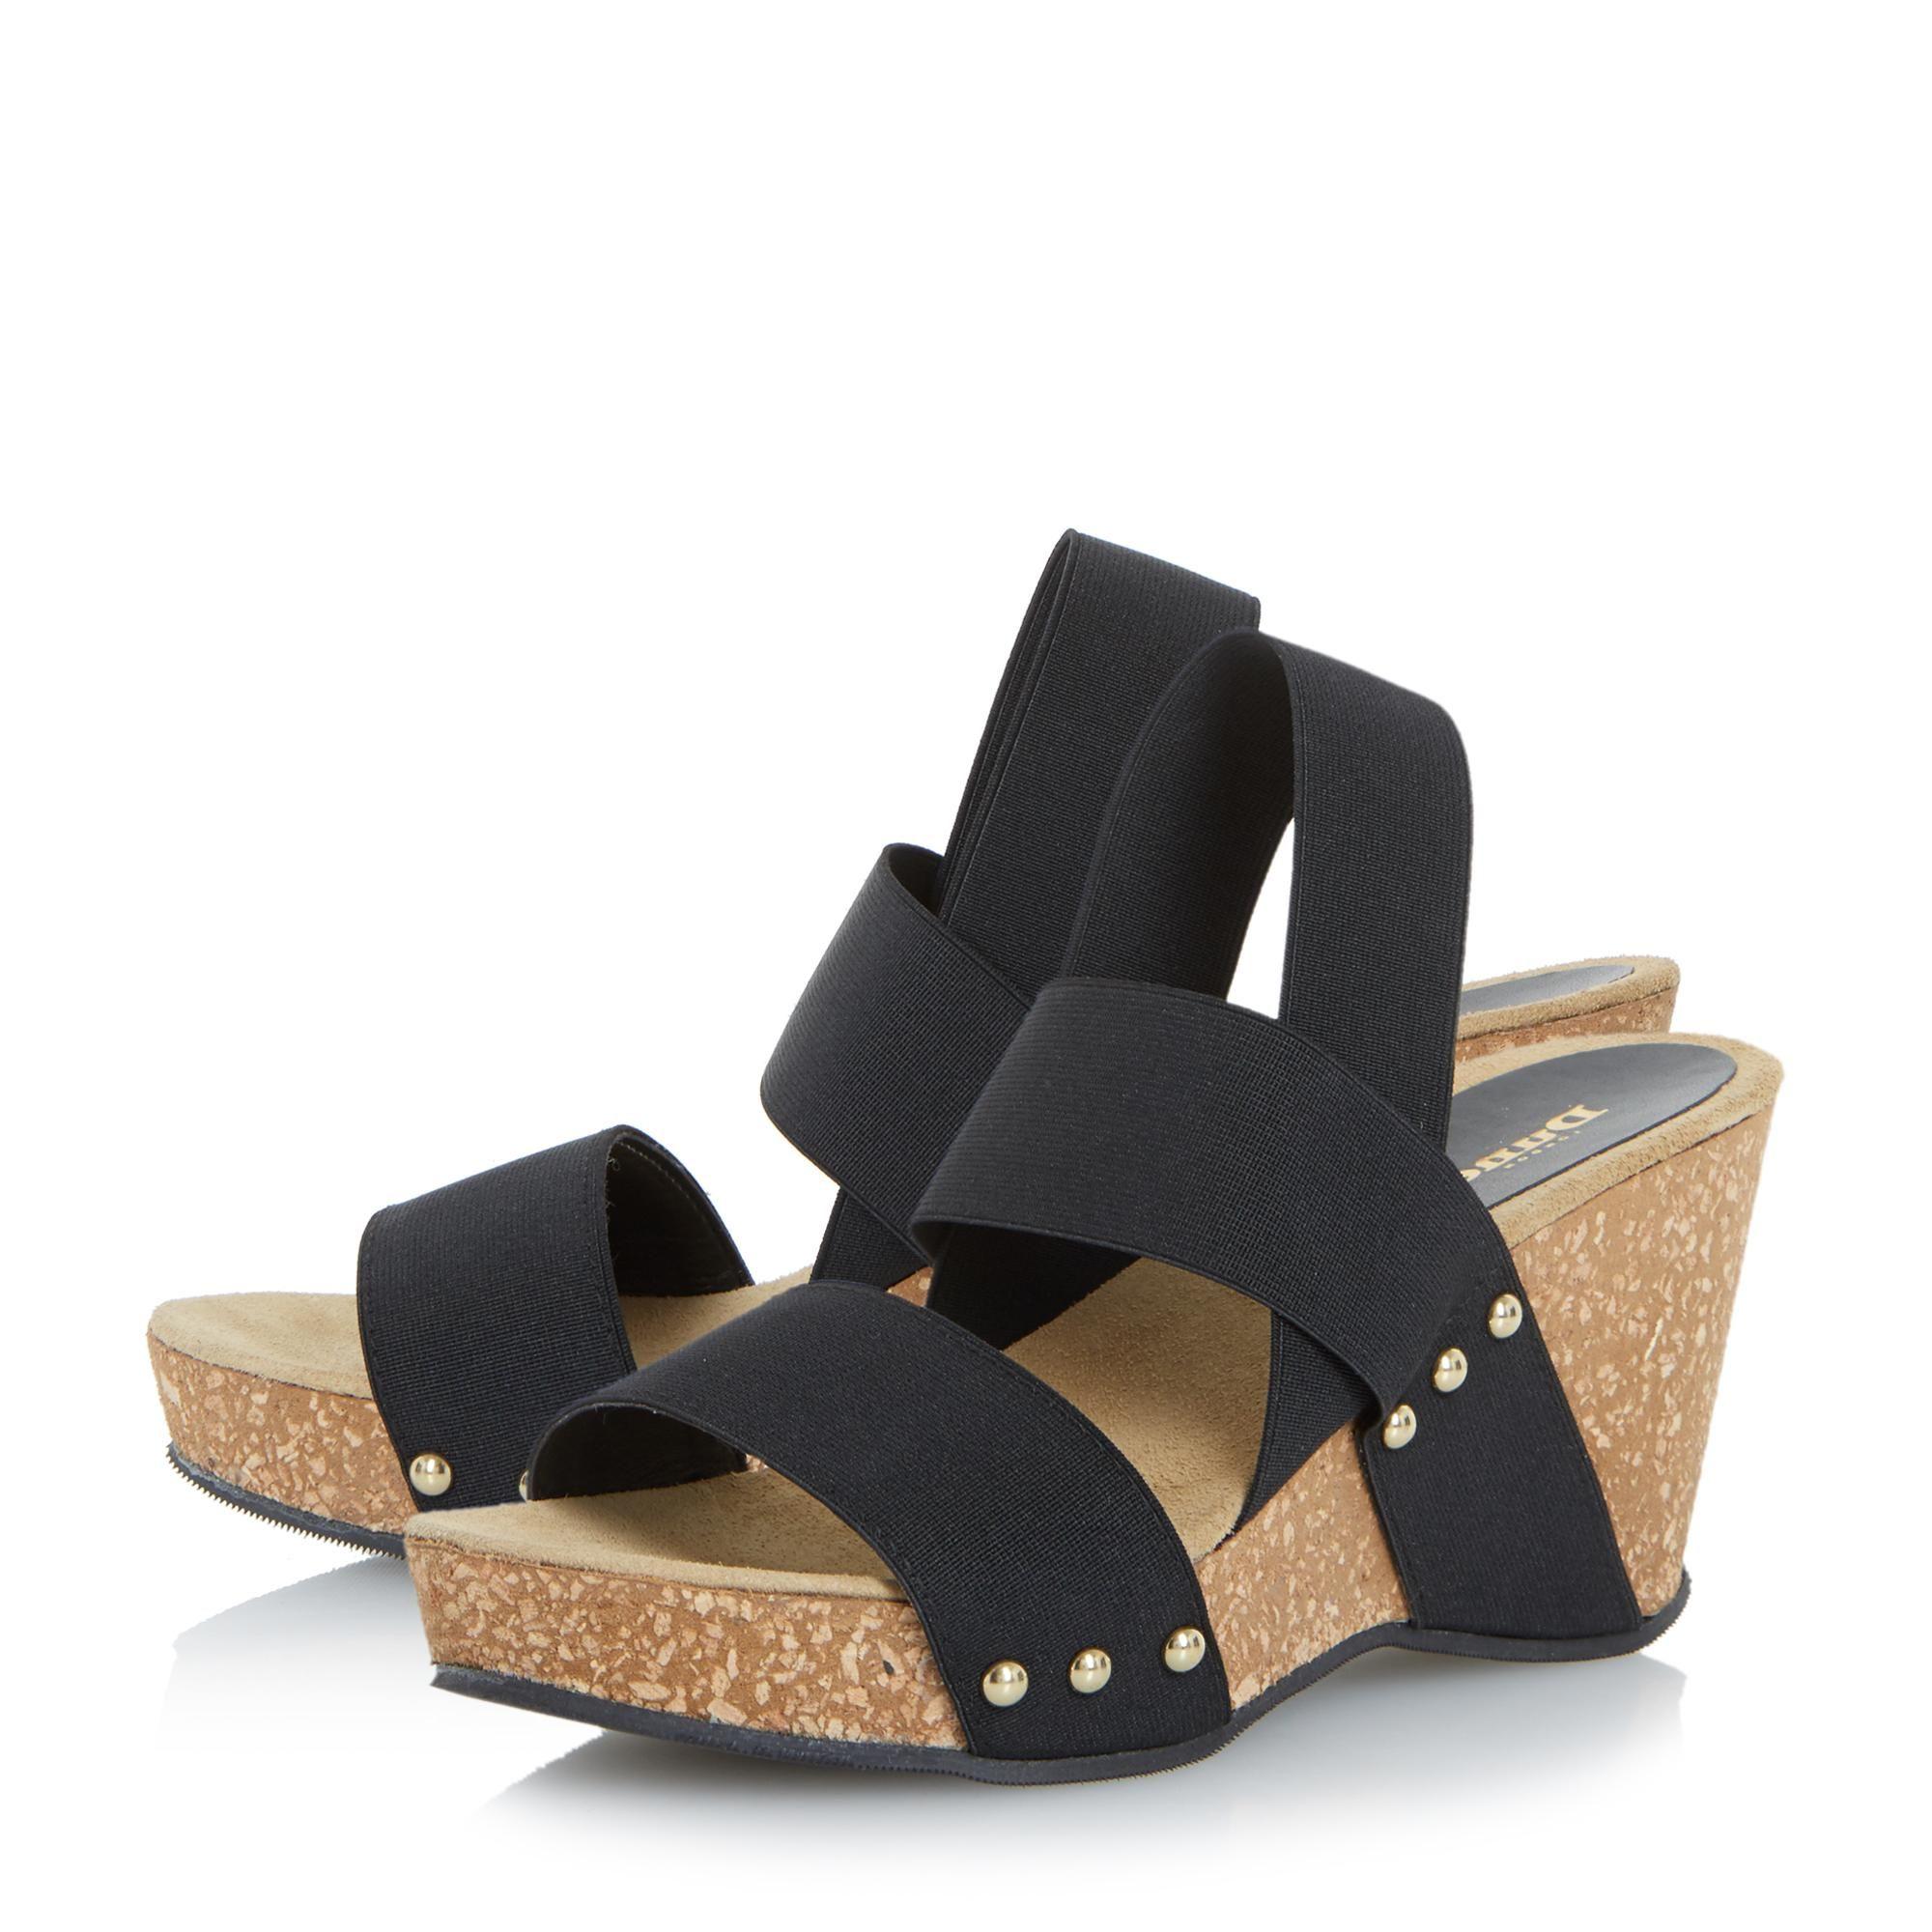 Dune Ladies KASSII Cork Wedge Studded Mule Sandals